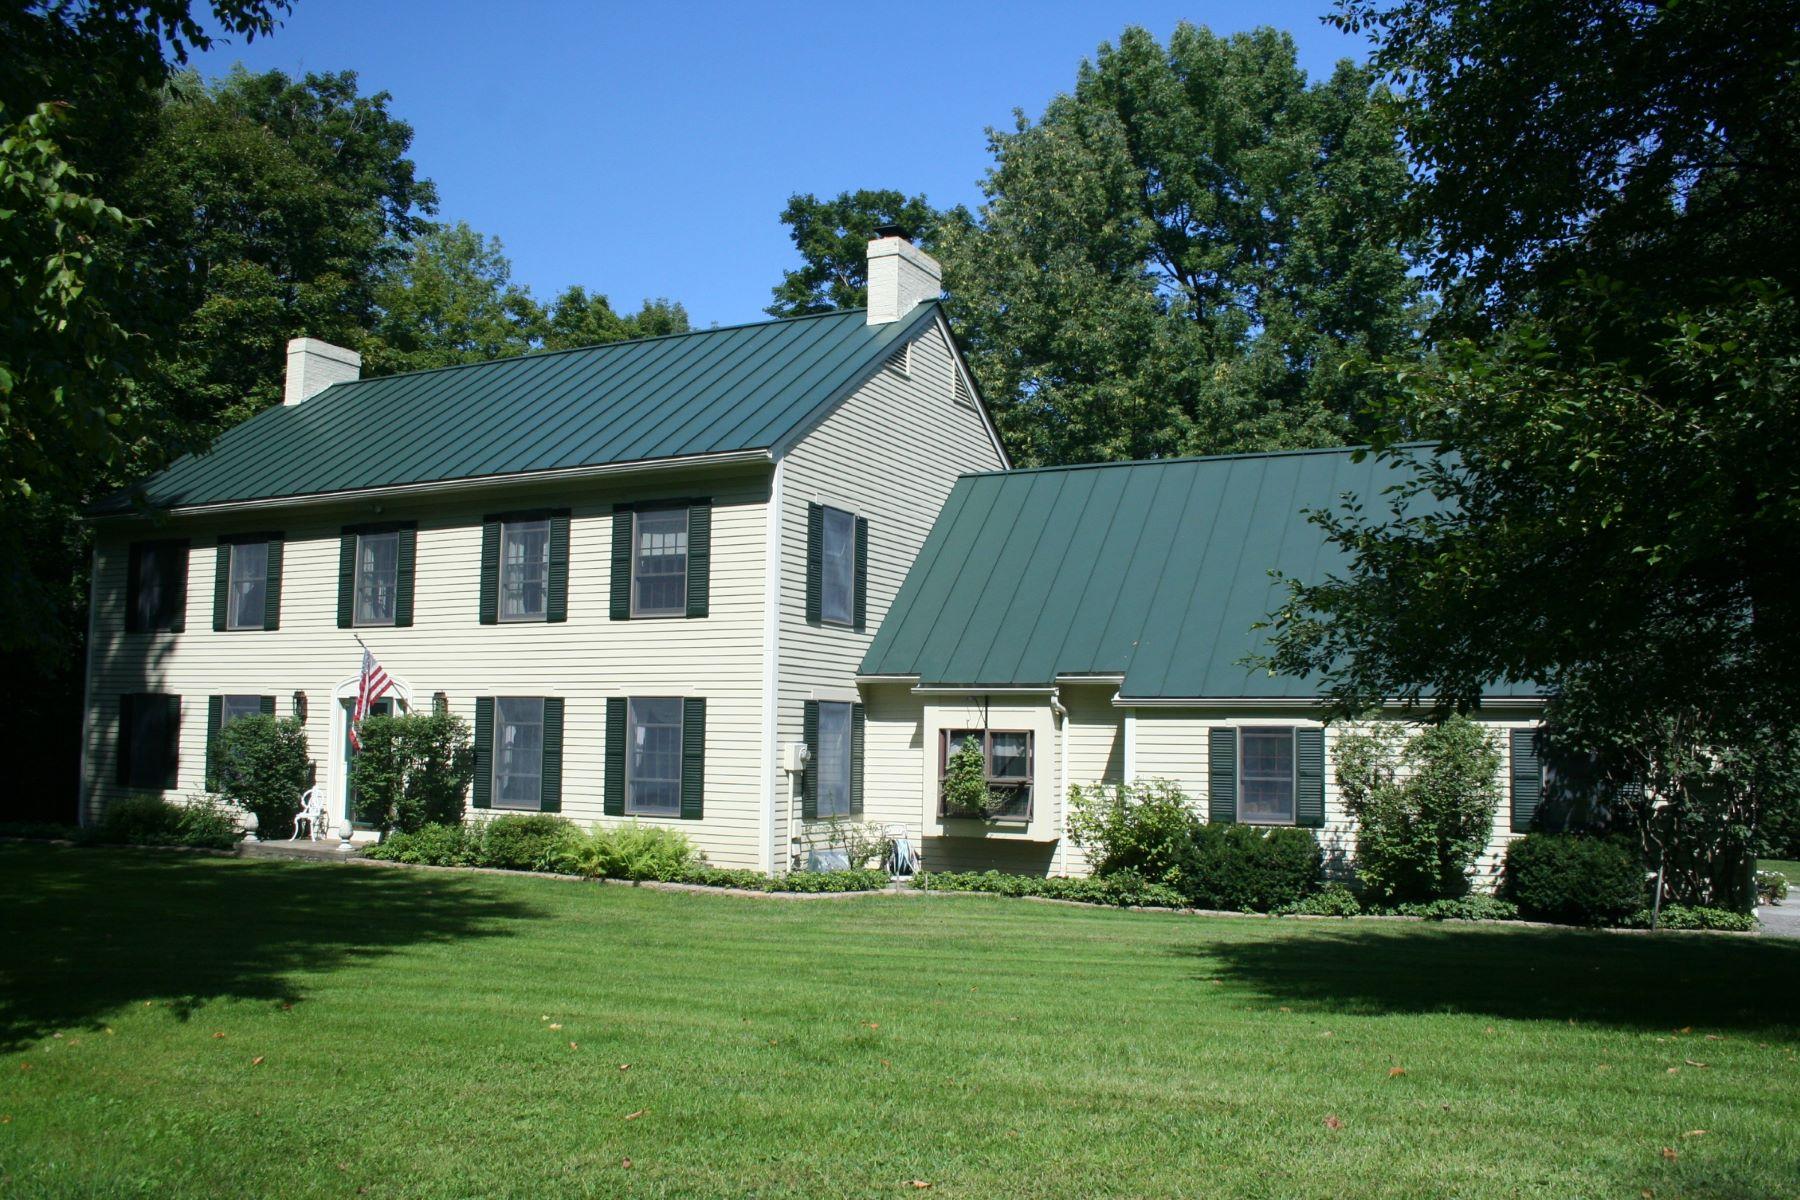 Maison unifamiliale pour l Vente à Fifteen minutes to Medical Center 18 Montview Dr Hanover, New Hampshire, 03755 États-Unis